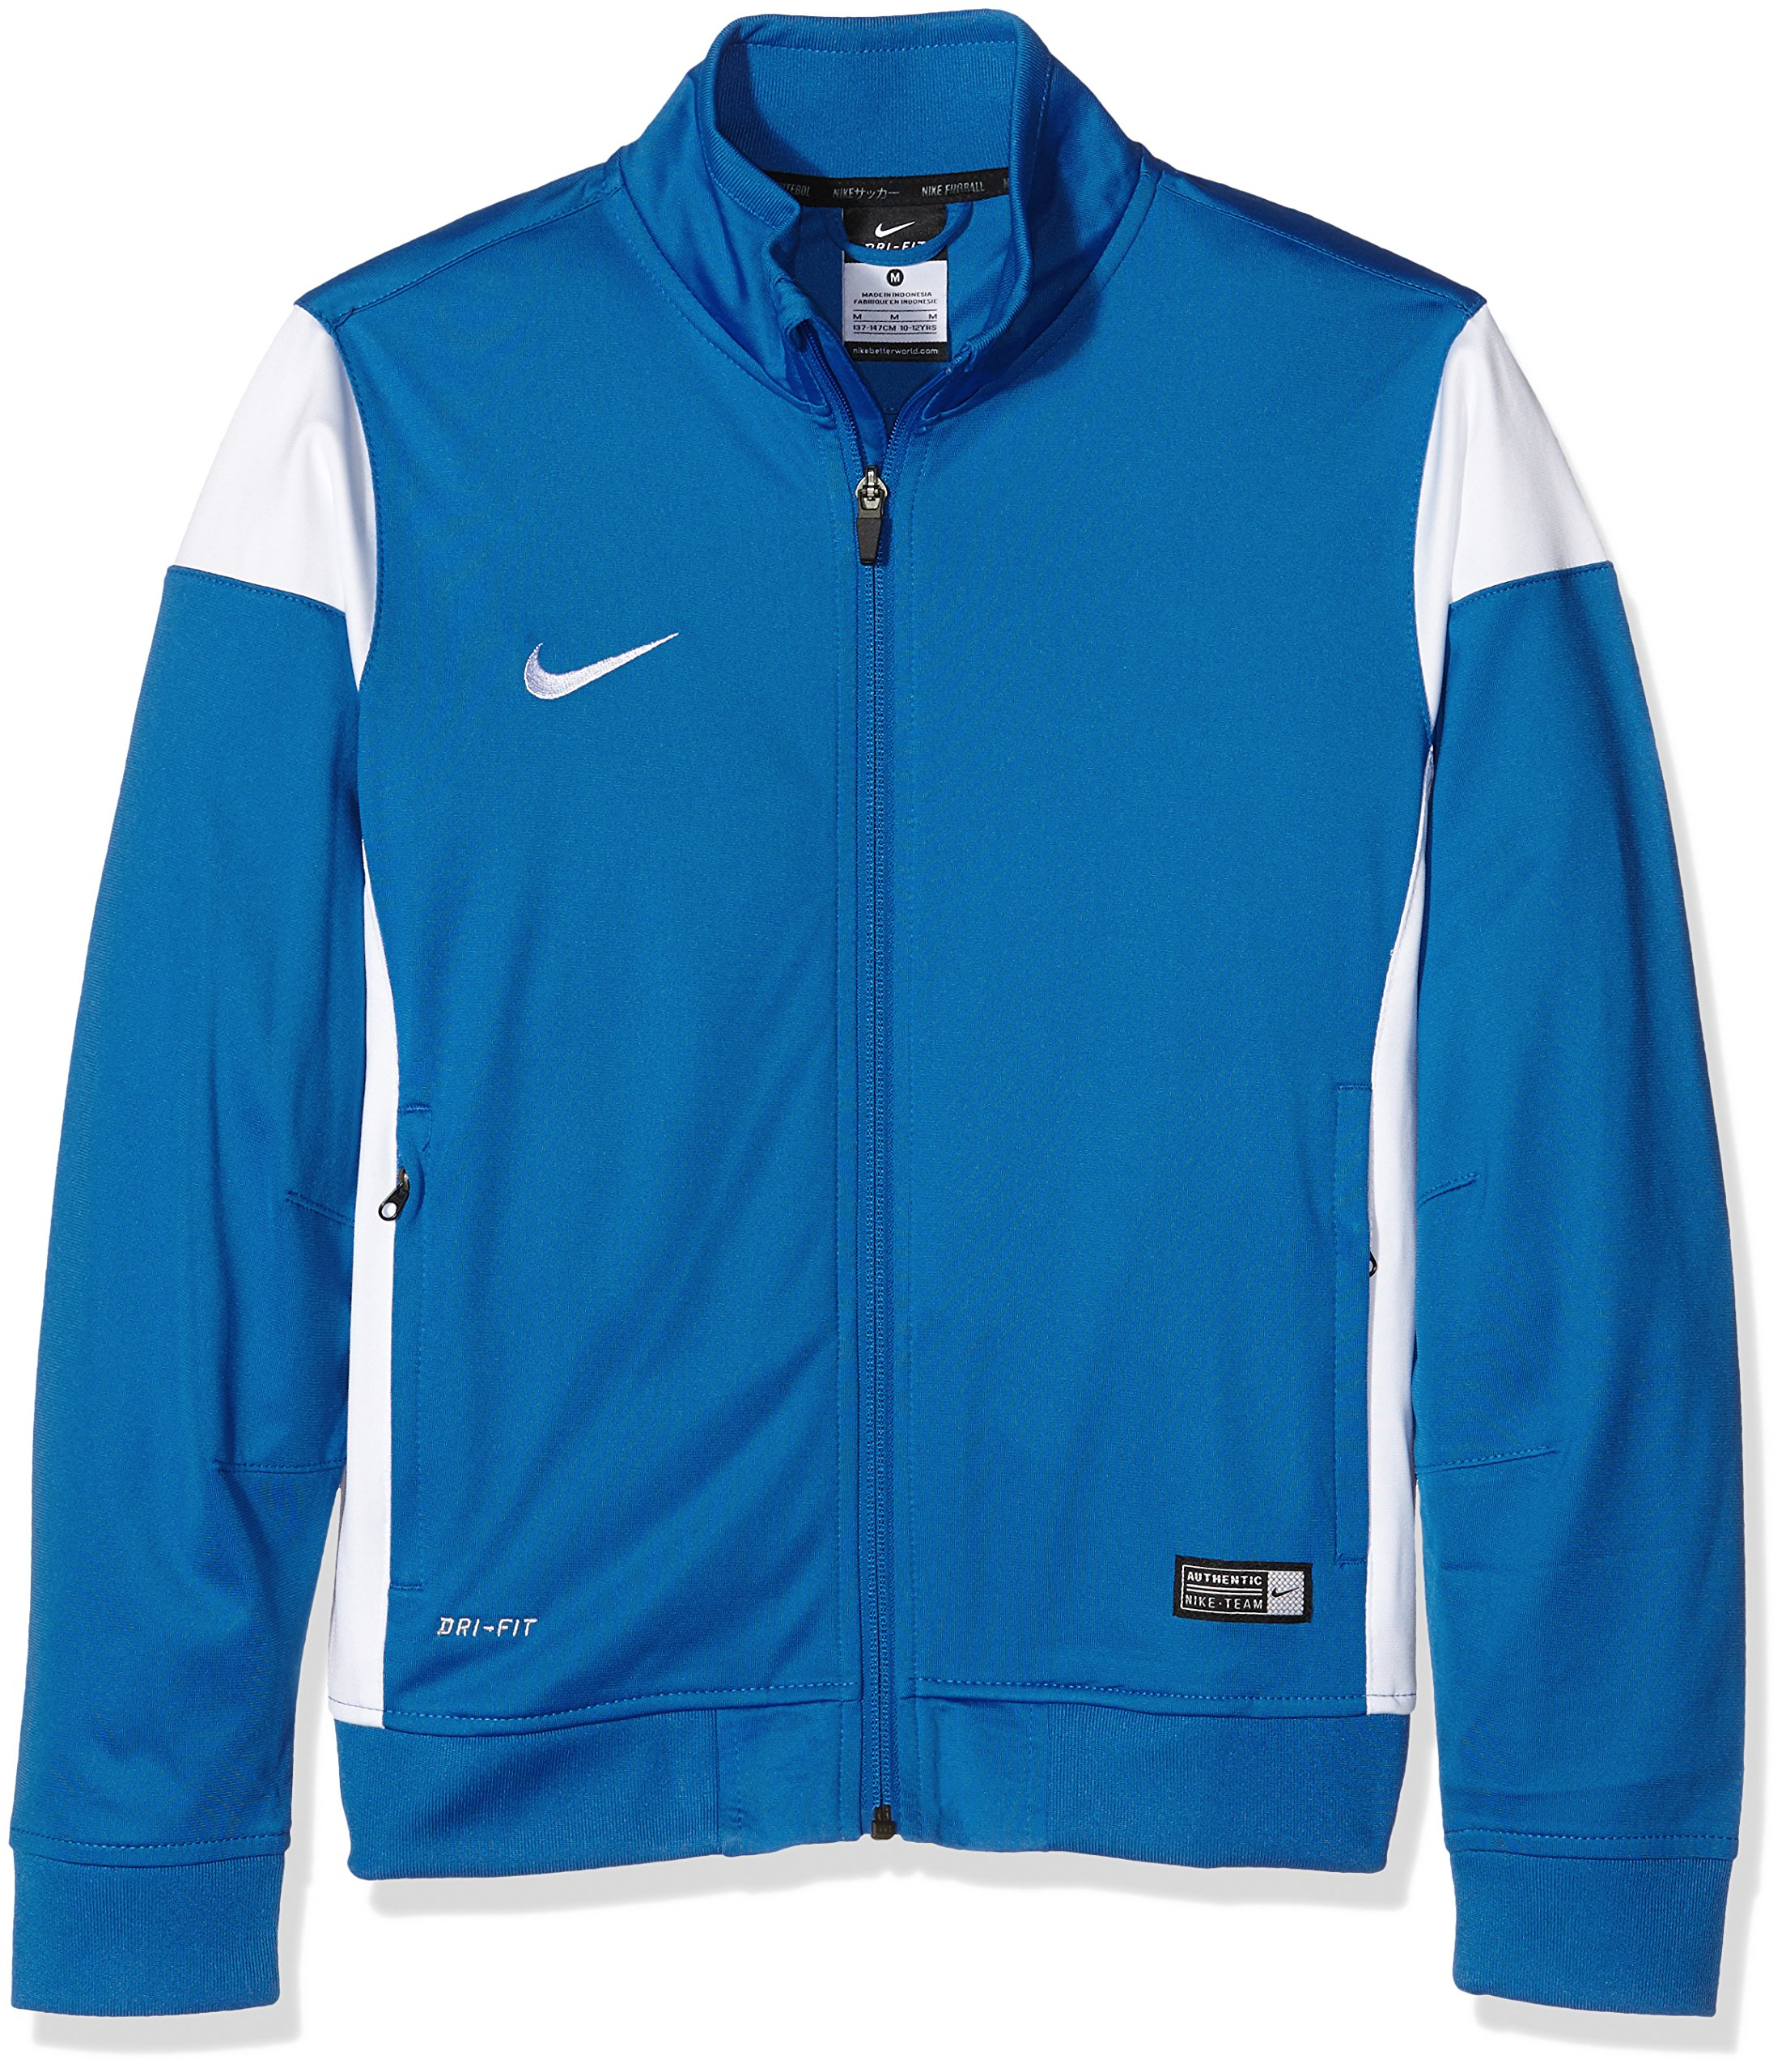 Nike Academy 14 Sideline Knit Jacket Royal/White YL by Nike (Image #2)